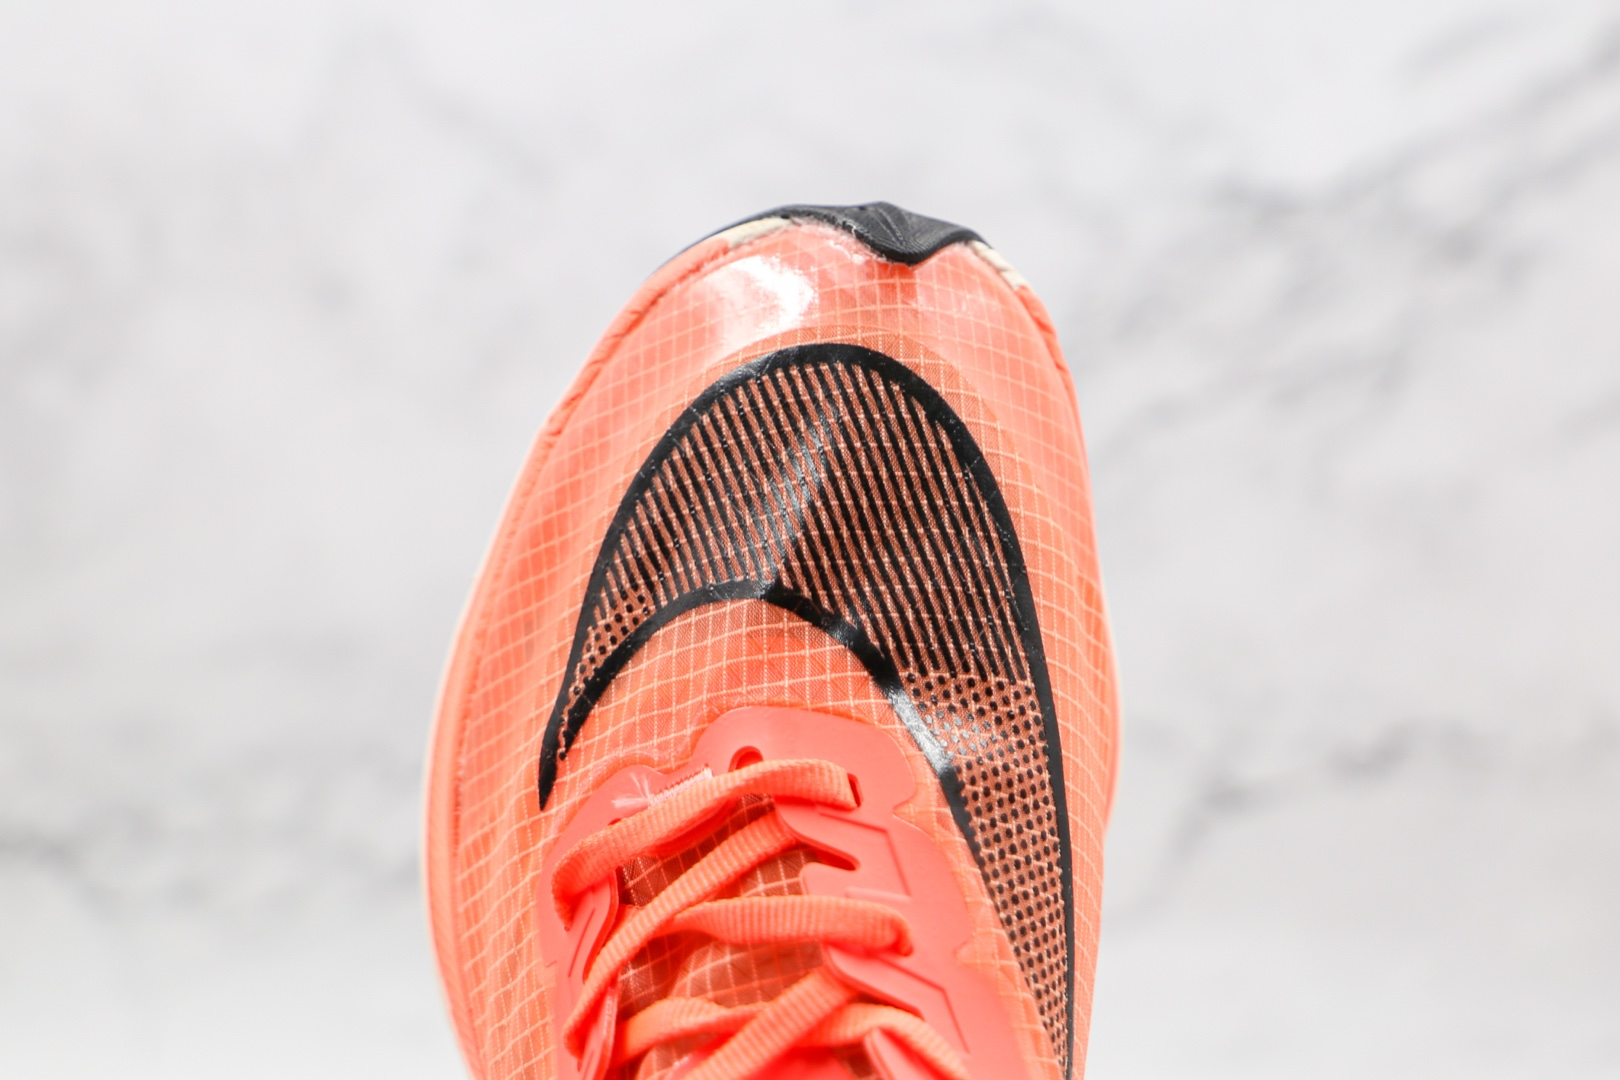 耐克Nike ZoomX Vaporfly Next%纯原版本马拉松橙色NEXT%半透明网纱跑步鞋原档案数据开发 货号:AO4568-800